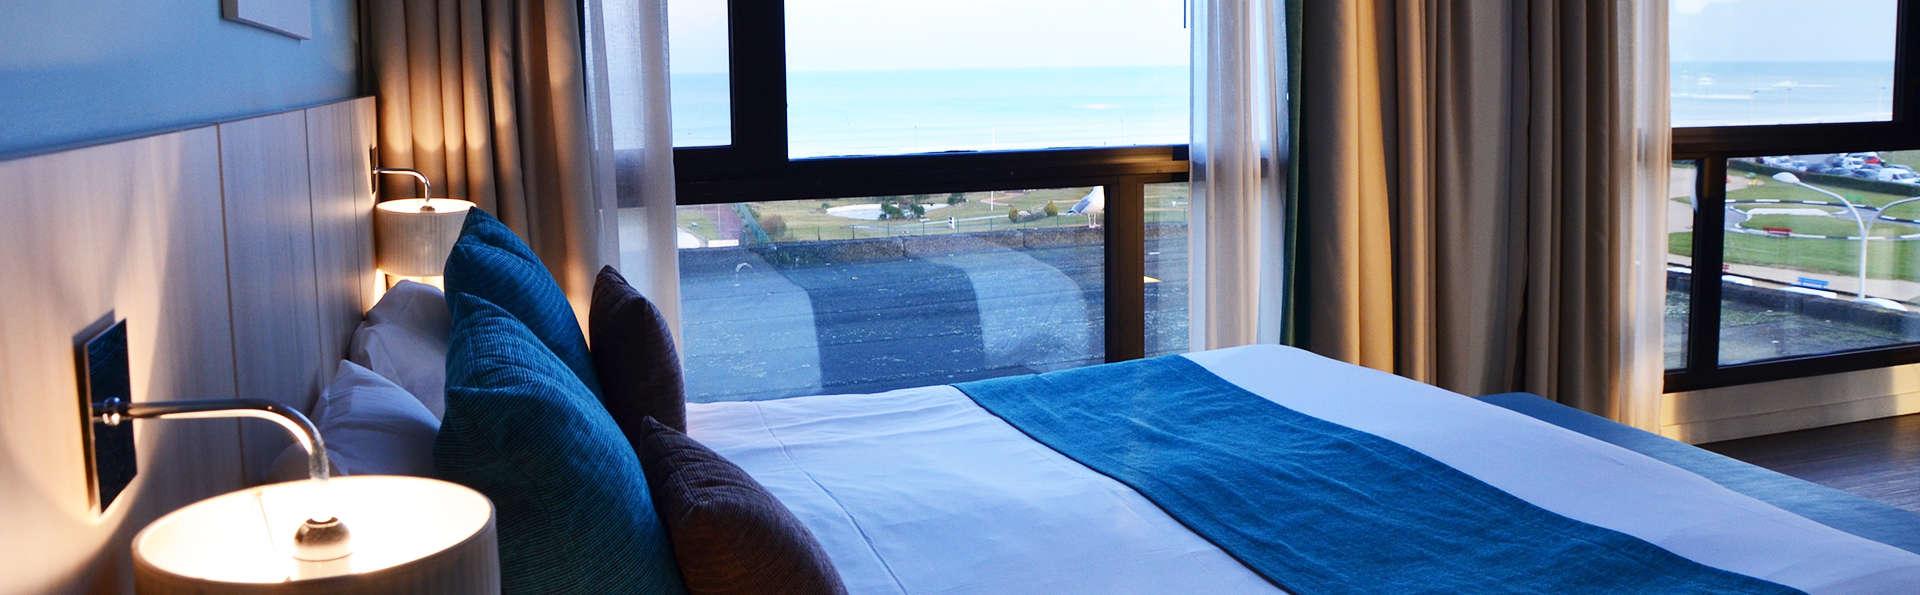 Week-end en suite vue mer à Dieppe